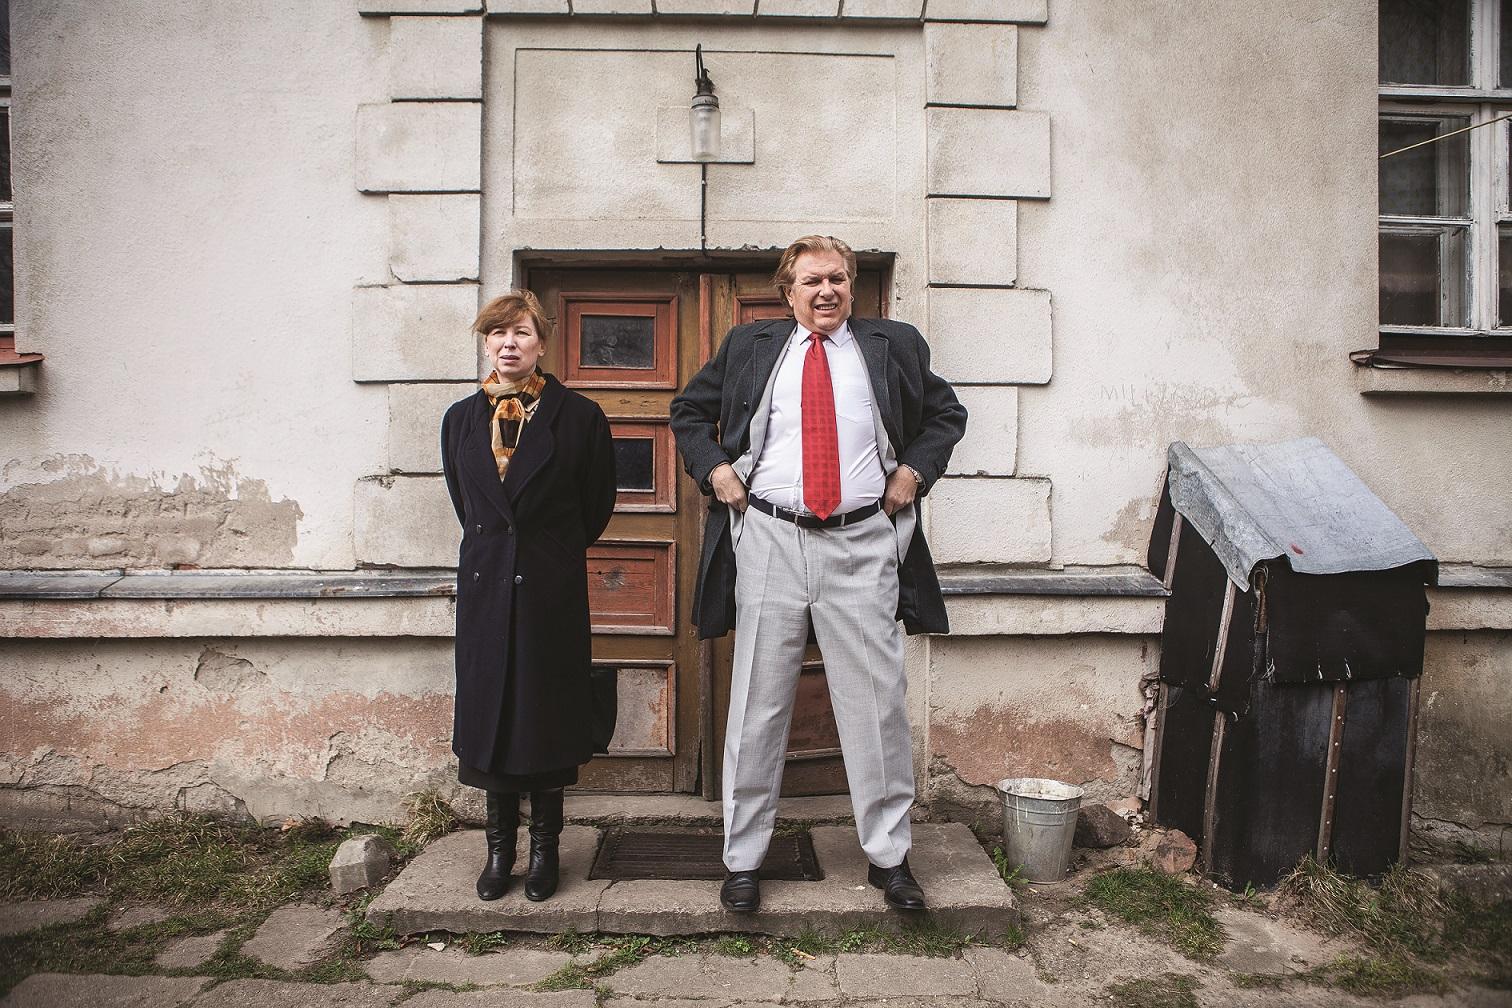 """Kadras iš E. Vertelytės filmo """"Stebuklas""""_nuotr. aut. Matas Astrauskas_© IN SCRIPT"""